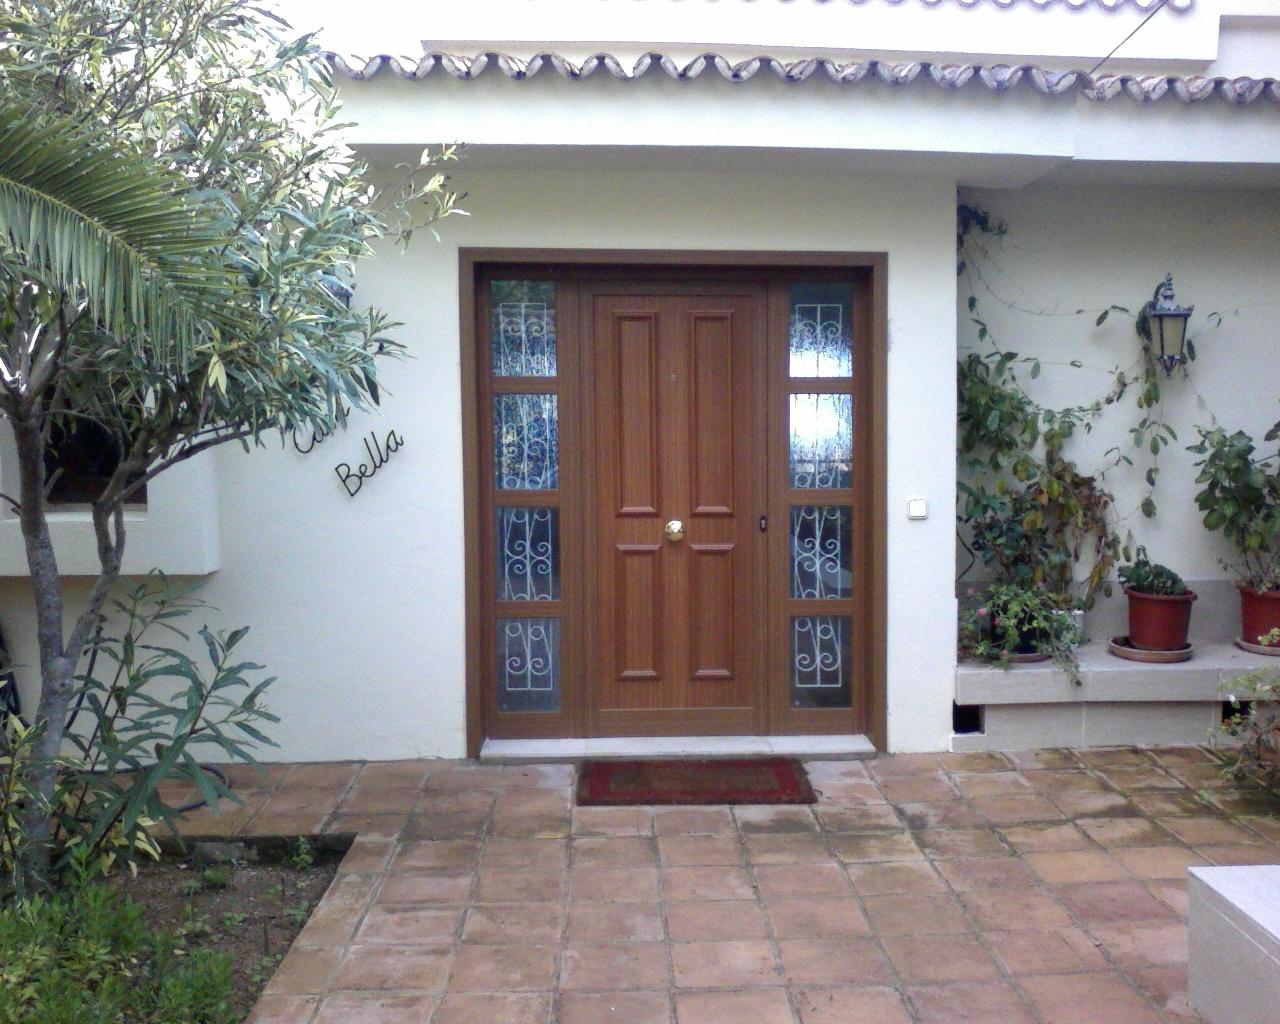 Inicio puertas y ventanas de madera en puerto rico la for Puertas de madera interiores